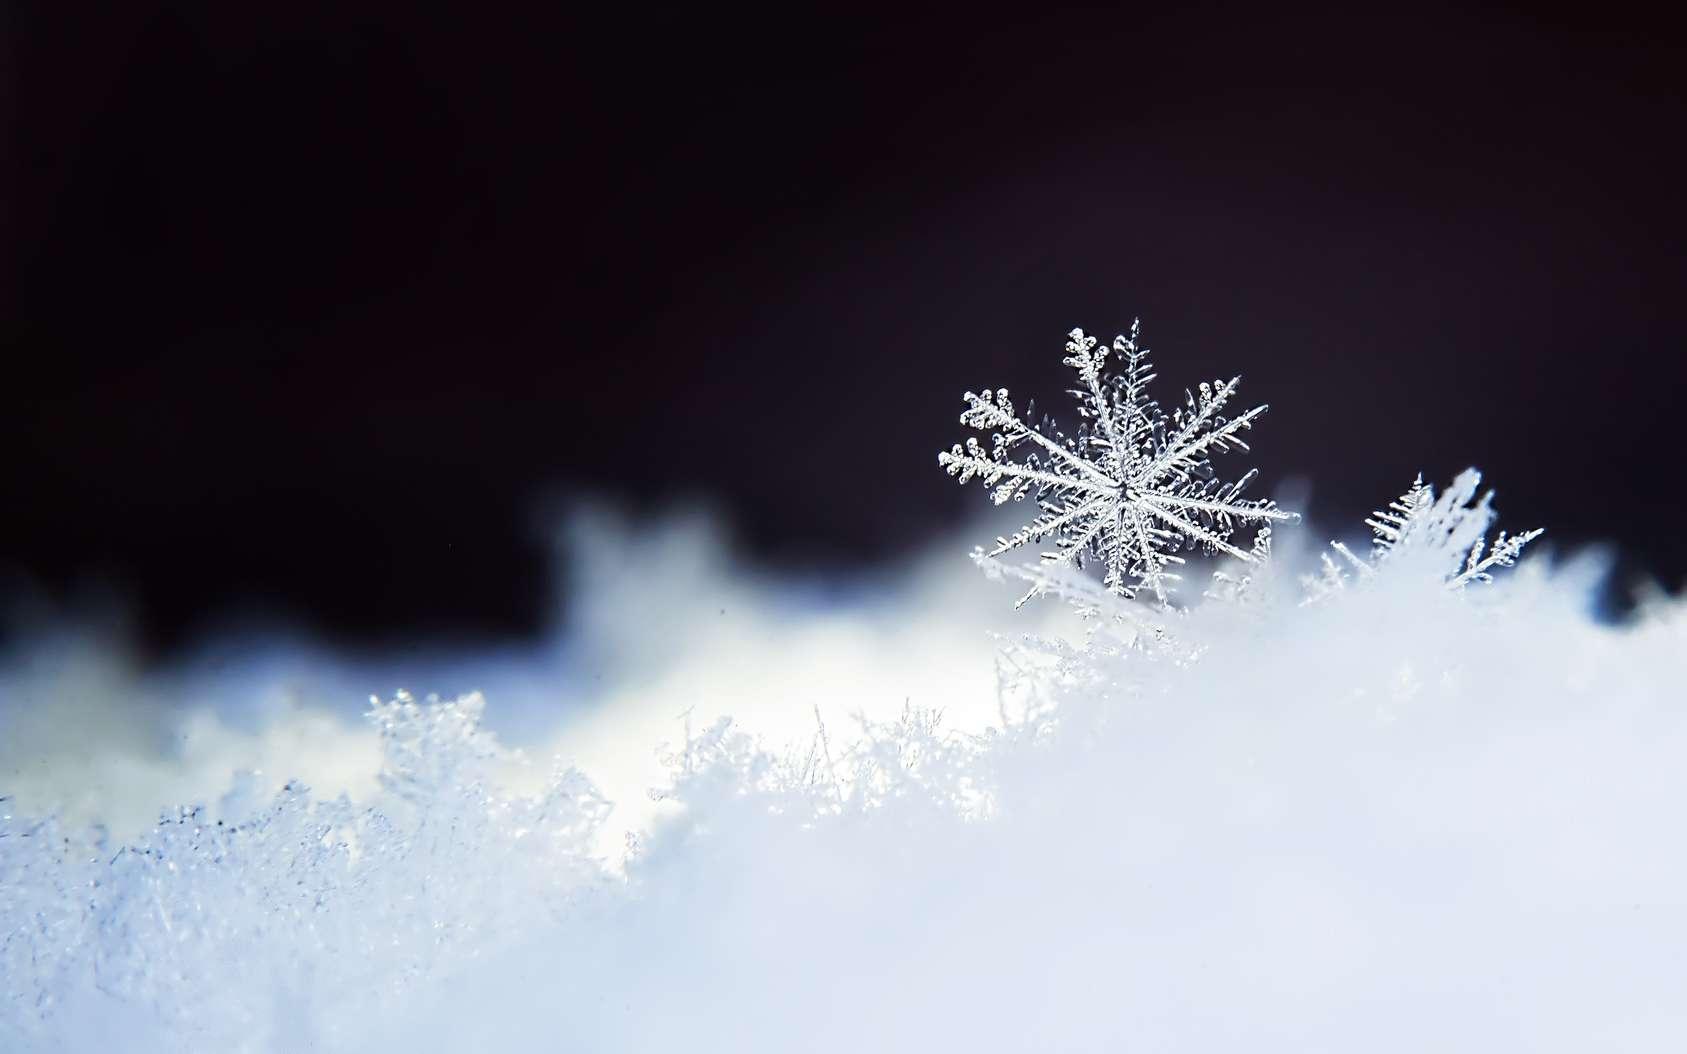 Les flocons de neige en forme d'étoiles ne font que quelques millimètres de longueur et quelques centièmes de millimètre d'épaisseur. Ils constituent une couche de neige poudreuse, plus ou moins légère selon la température de l'air et la force du vent durant leur chute. © Elina Leonova, fotolia